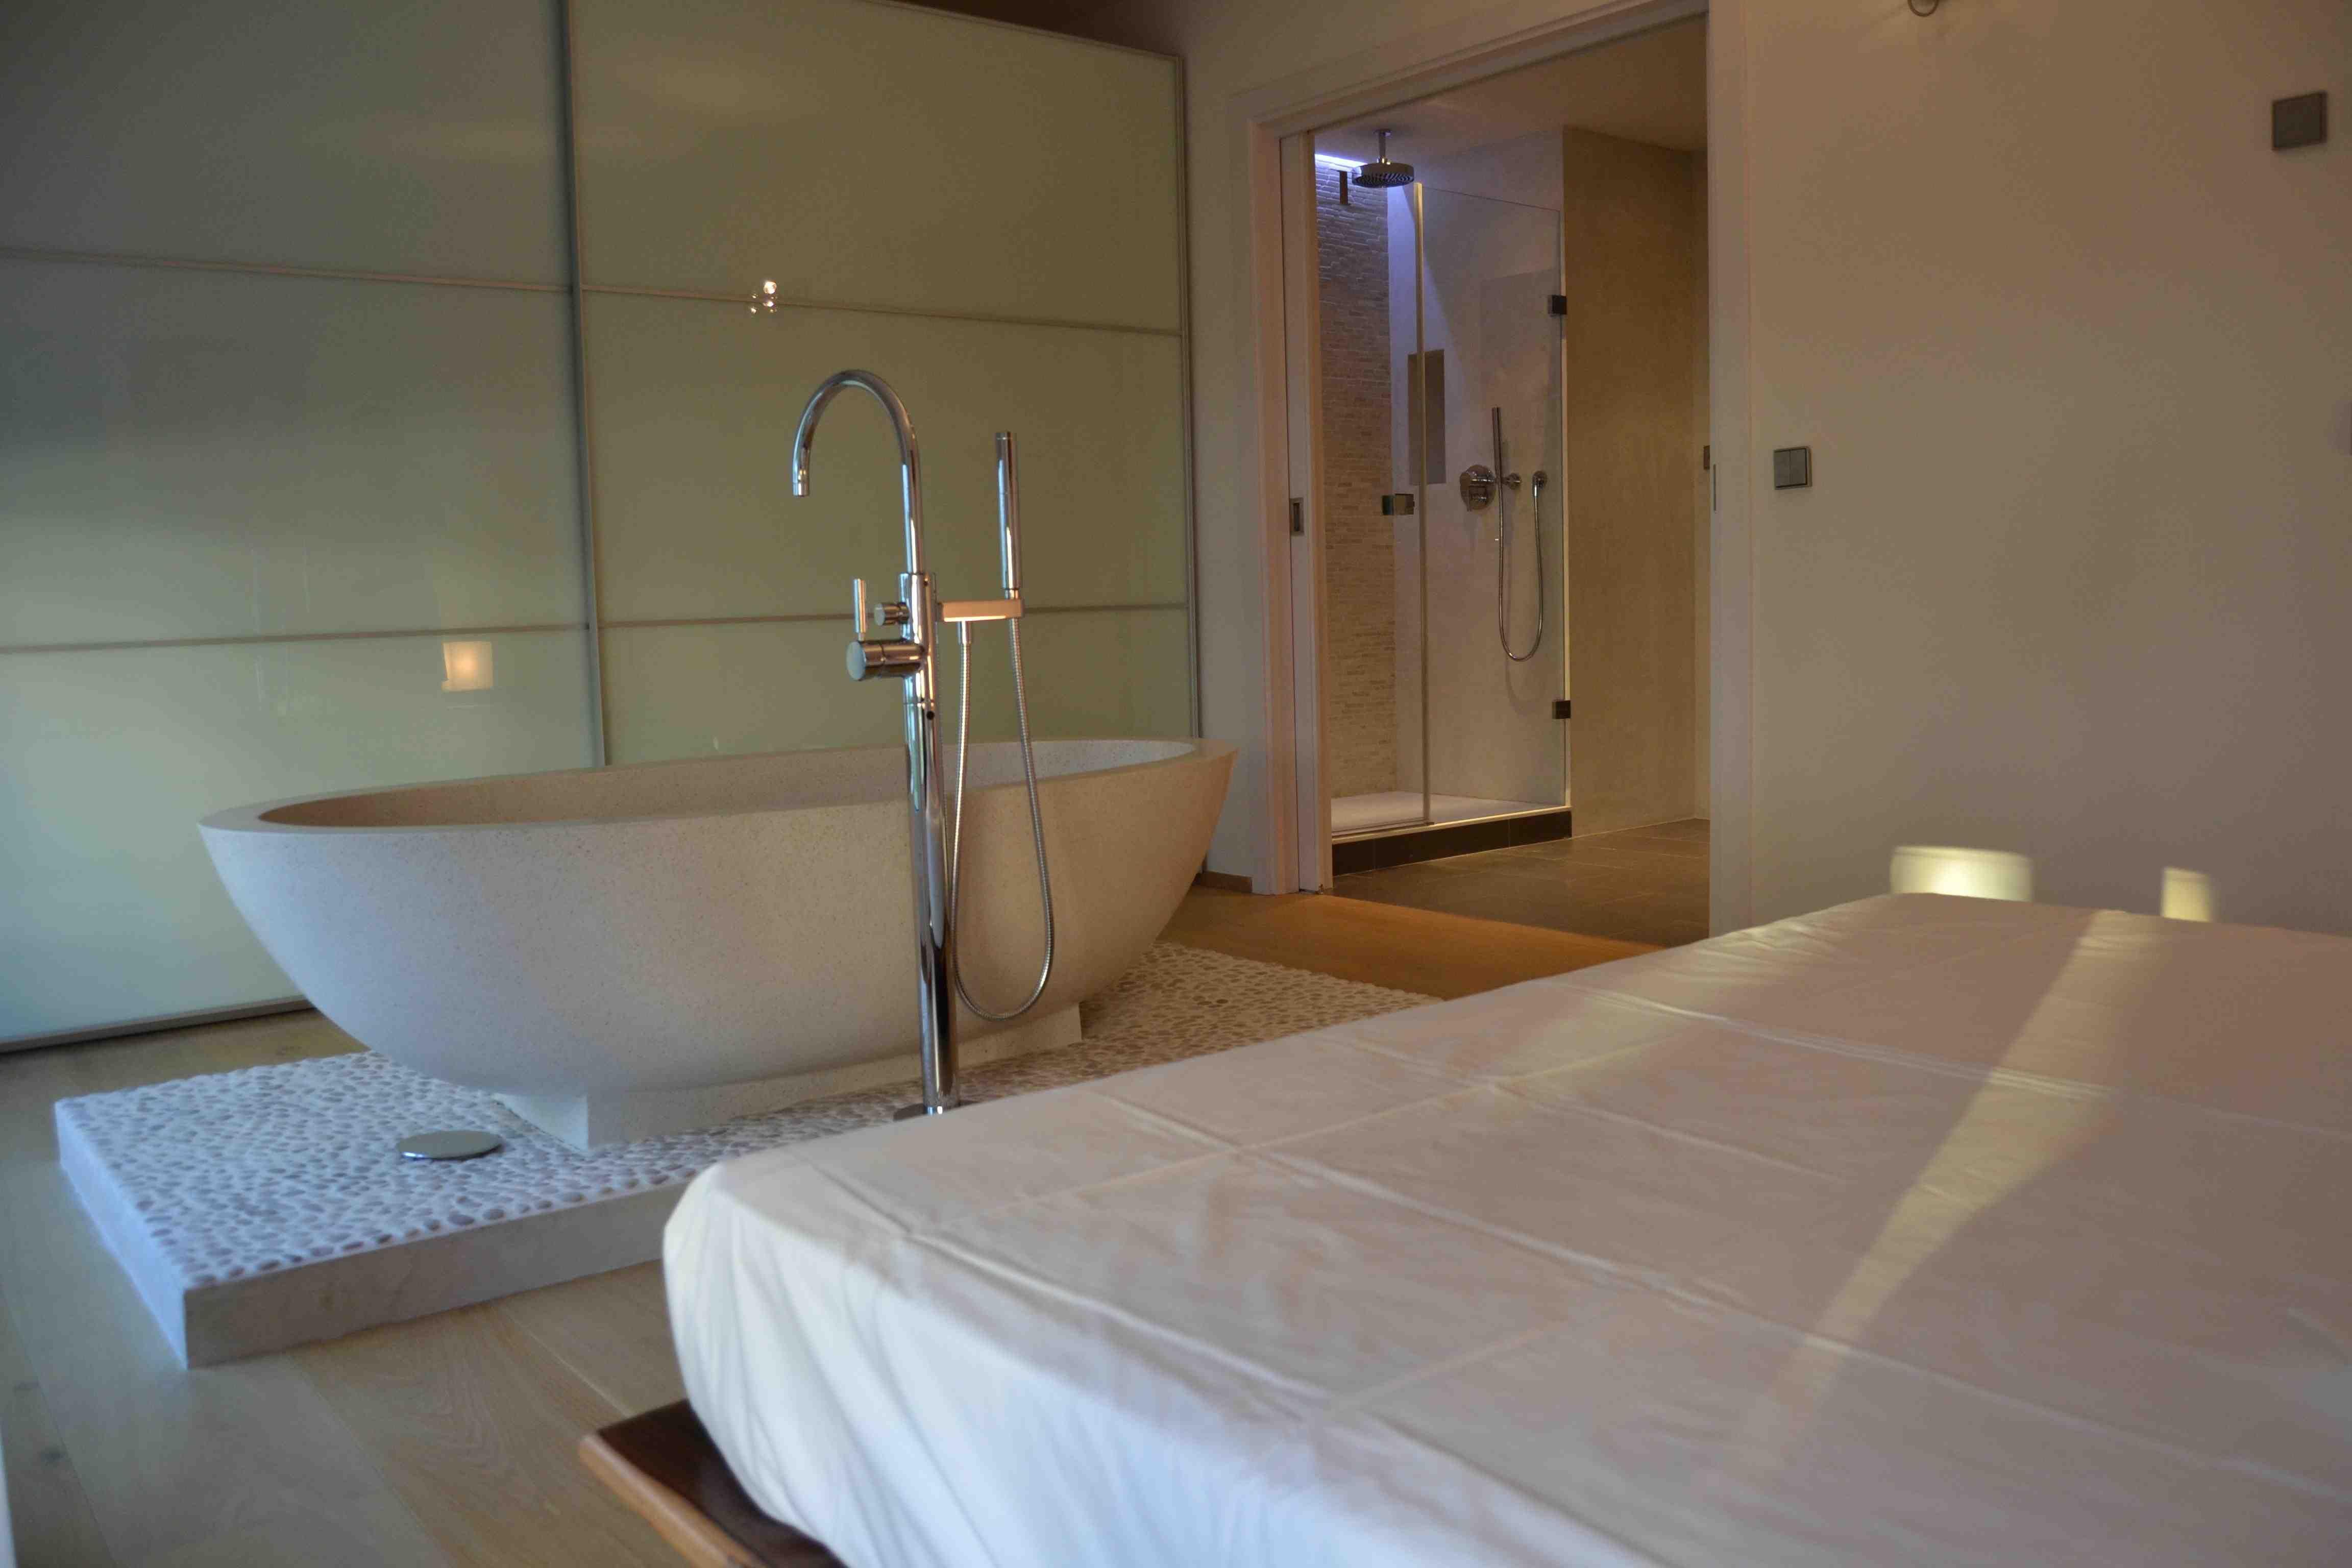 Badezimmer Spanisch ~ Schlaf badezimmer luxus ferienvermietung